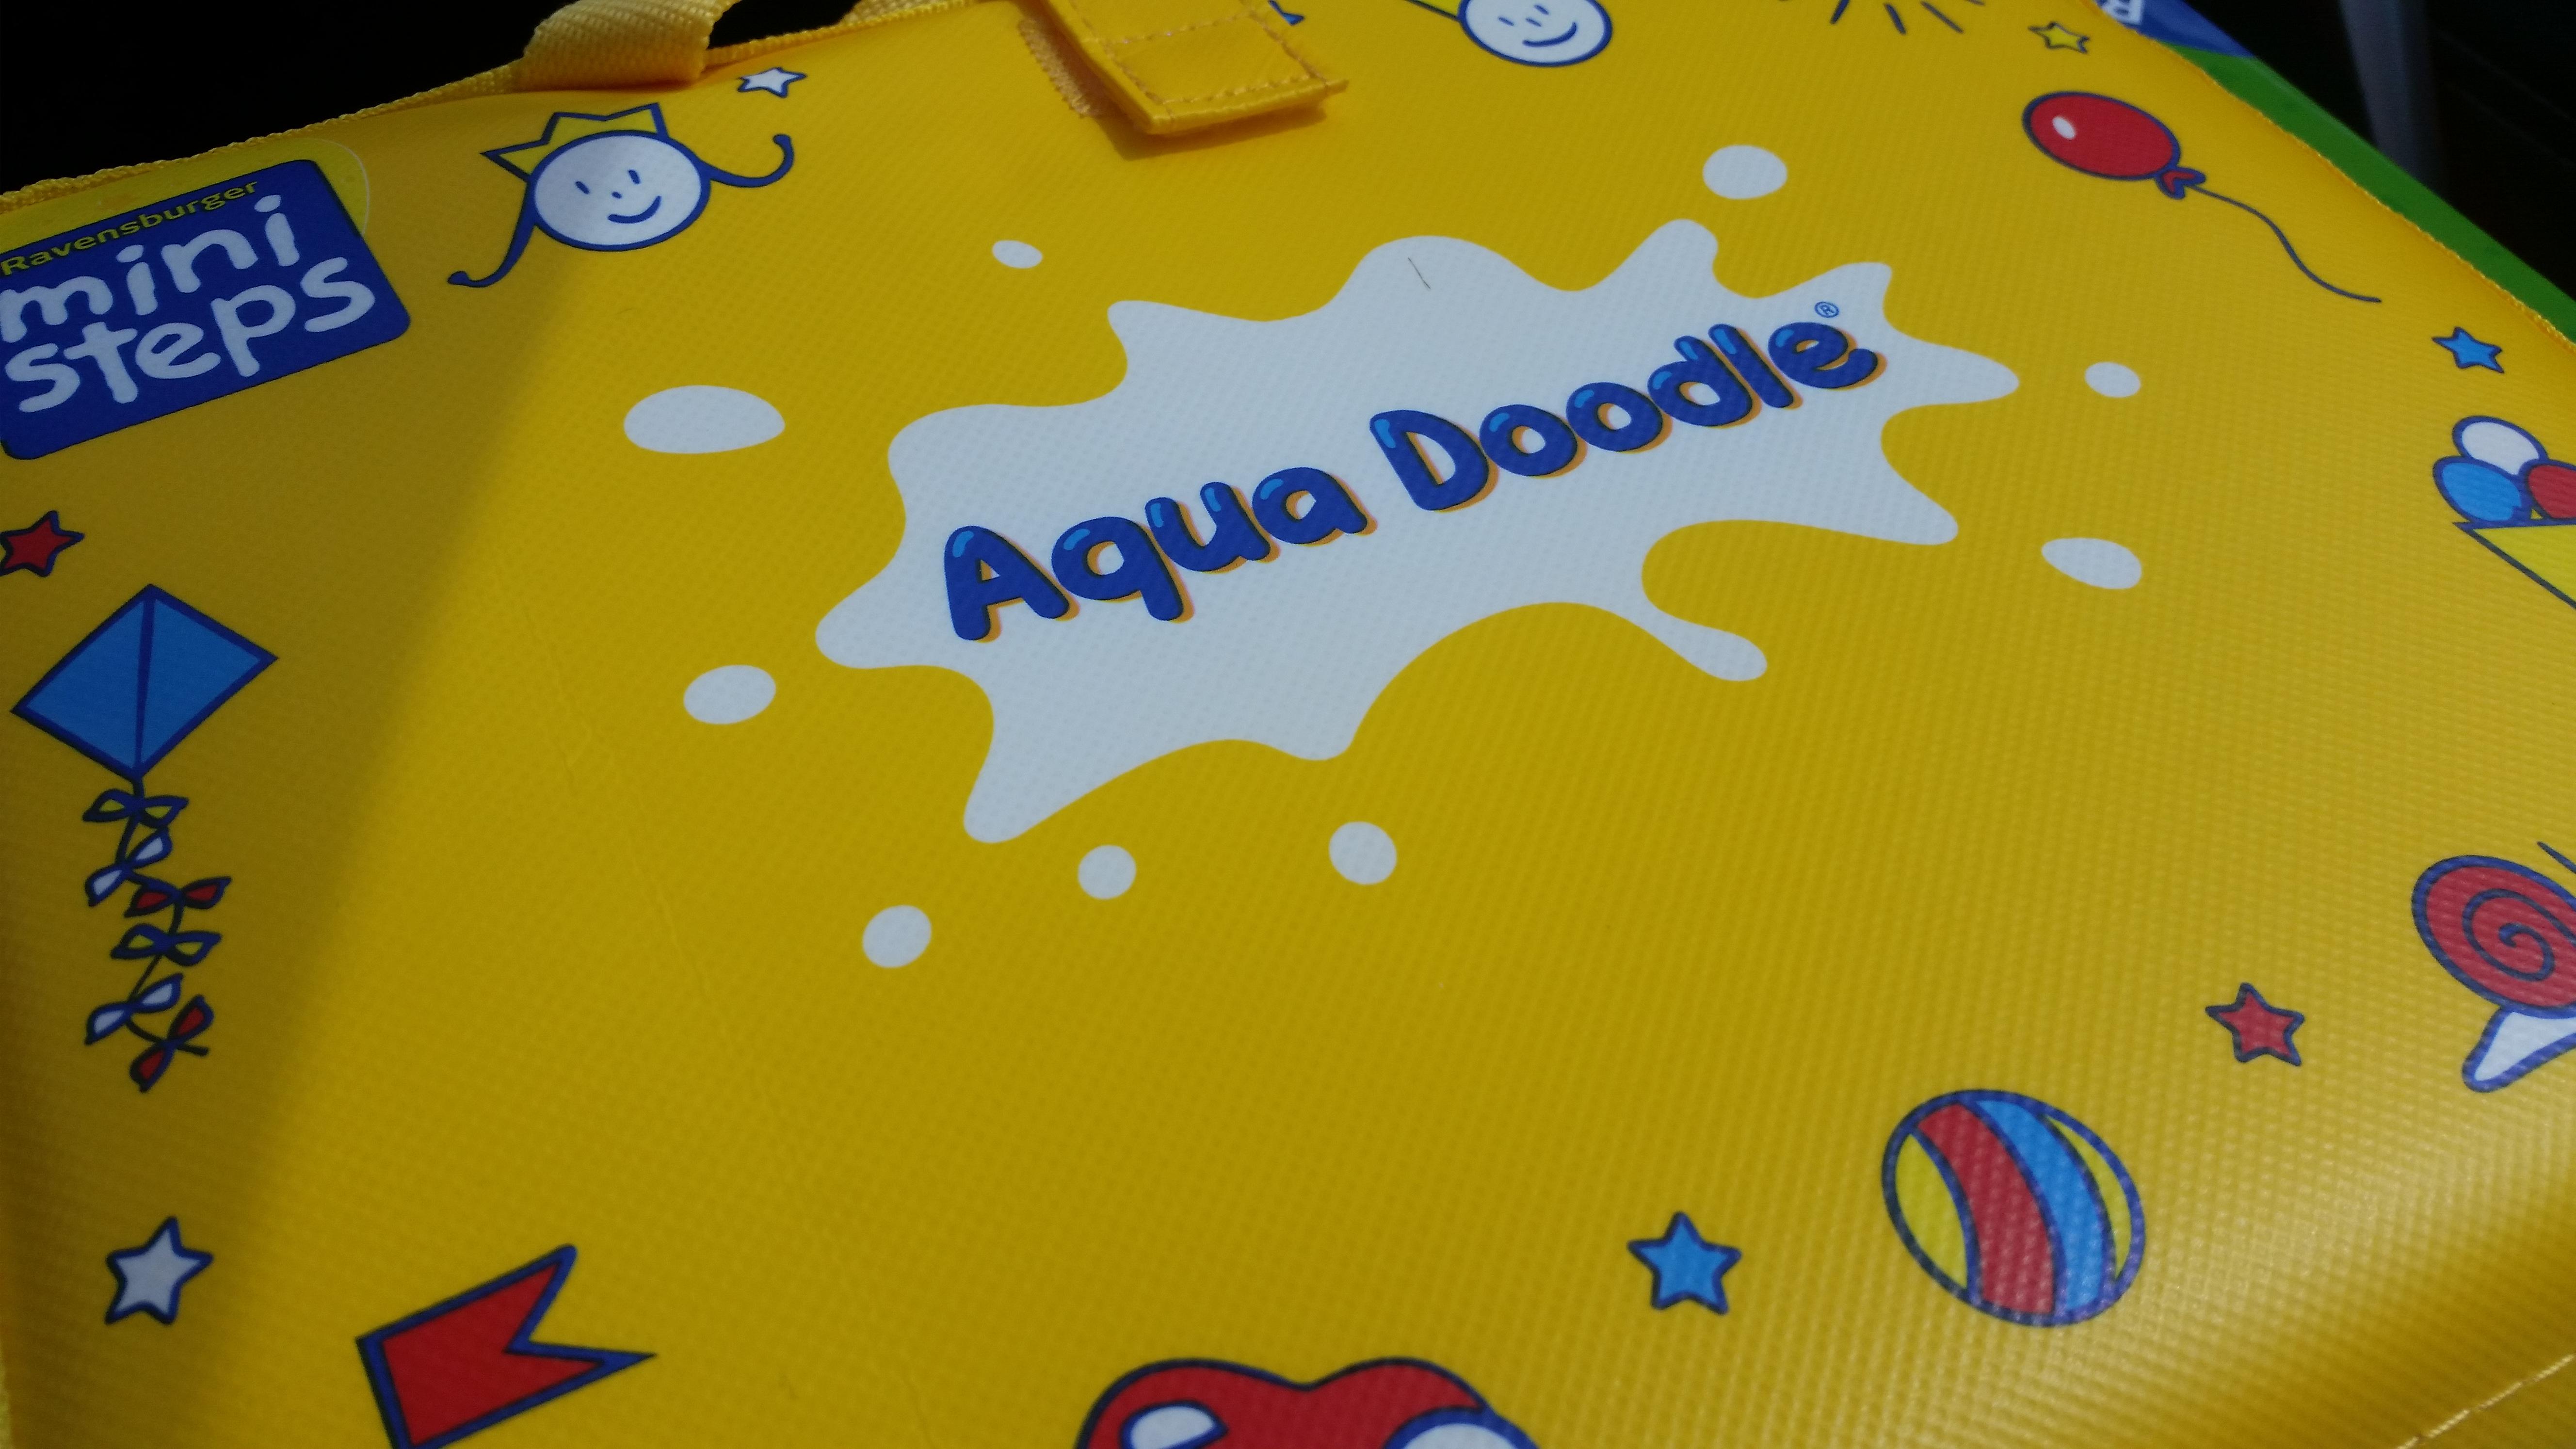 6-16-leuk-idee-in-de-auto-onderweg-kleuren-vanaf-1-jaar-water-aqua-doodle-in-vliegtuig-auto-bus-trein-restaurant-meenemen-makkelijk-vervelen-vermaakt-activiteit-tasje